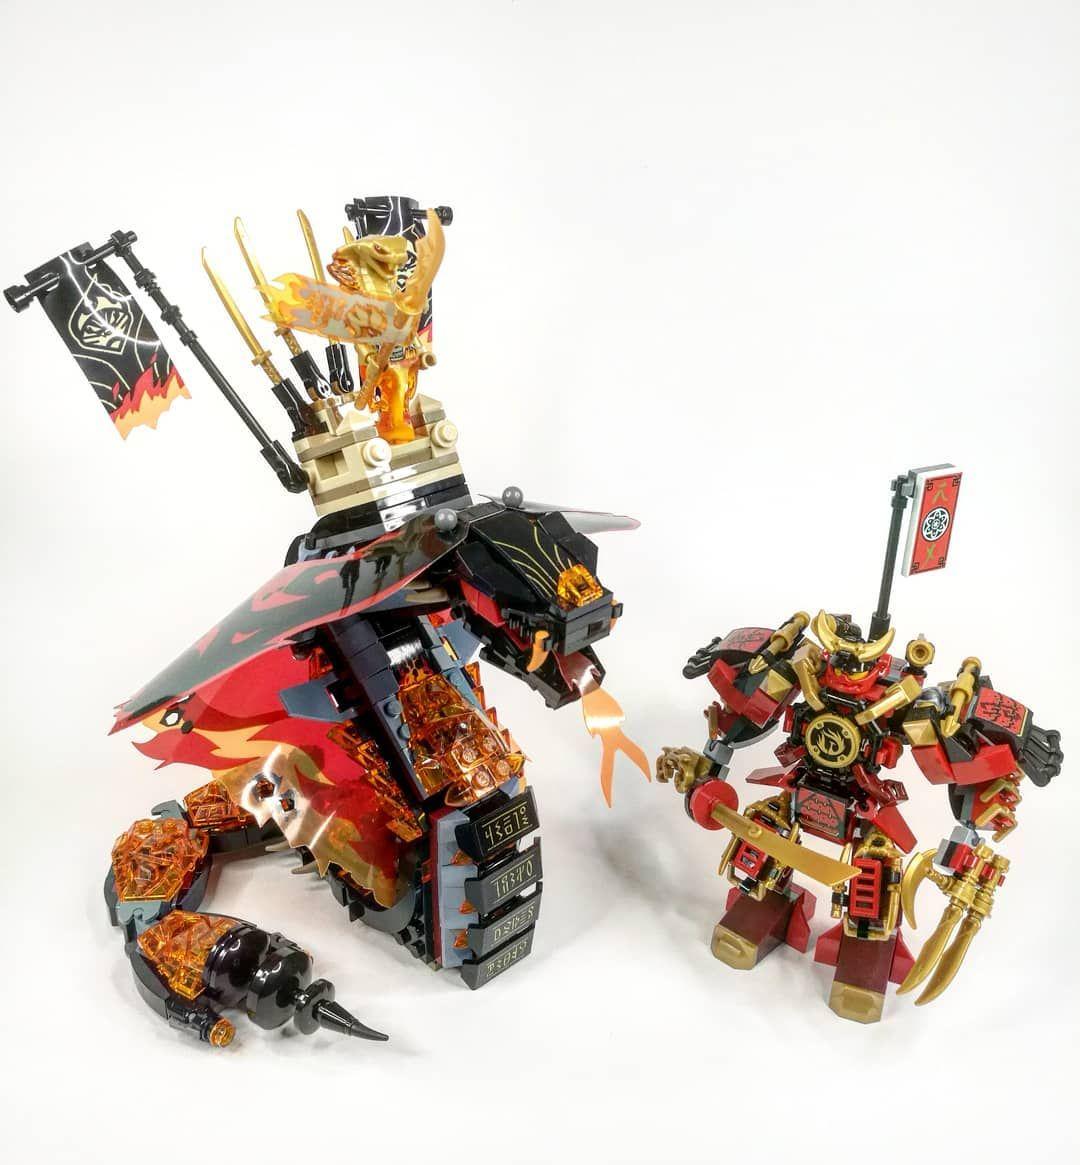 Aspheera vs Samurai X Mech #lego #legostagram #instalego # ...